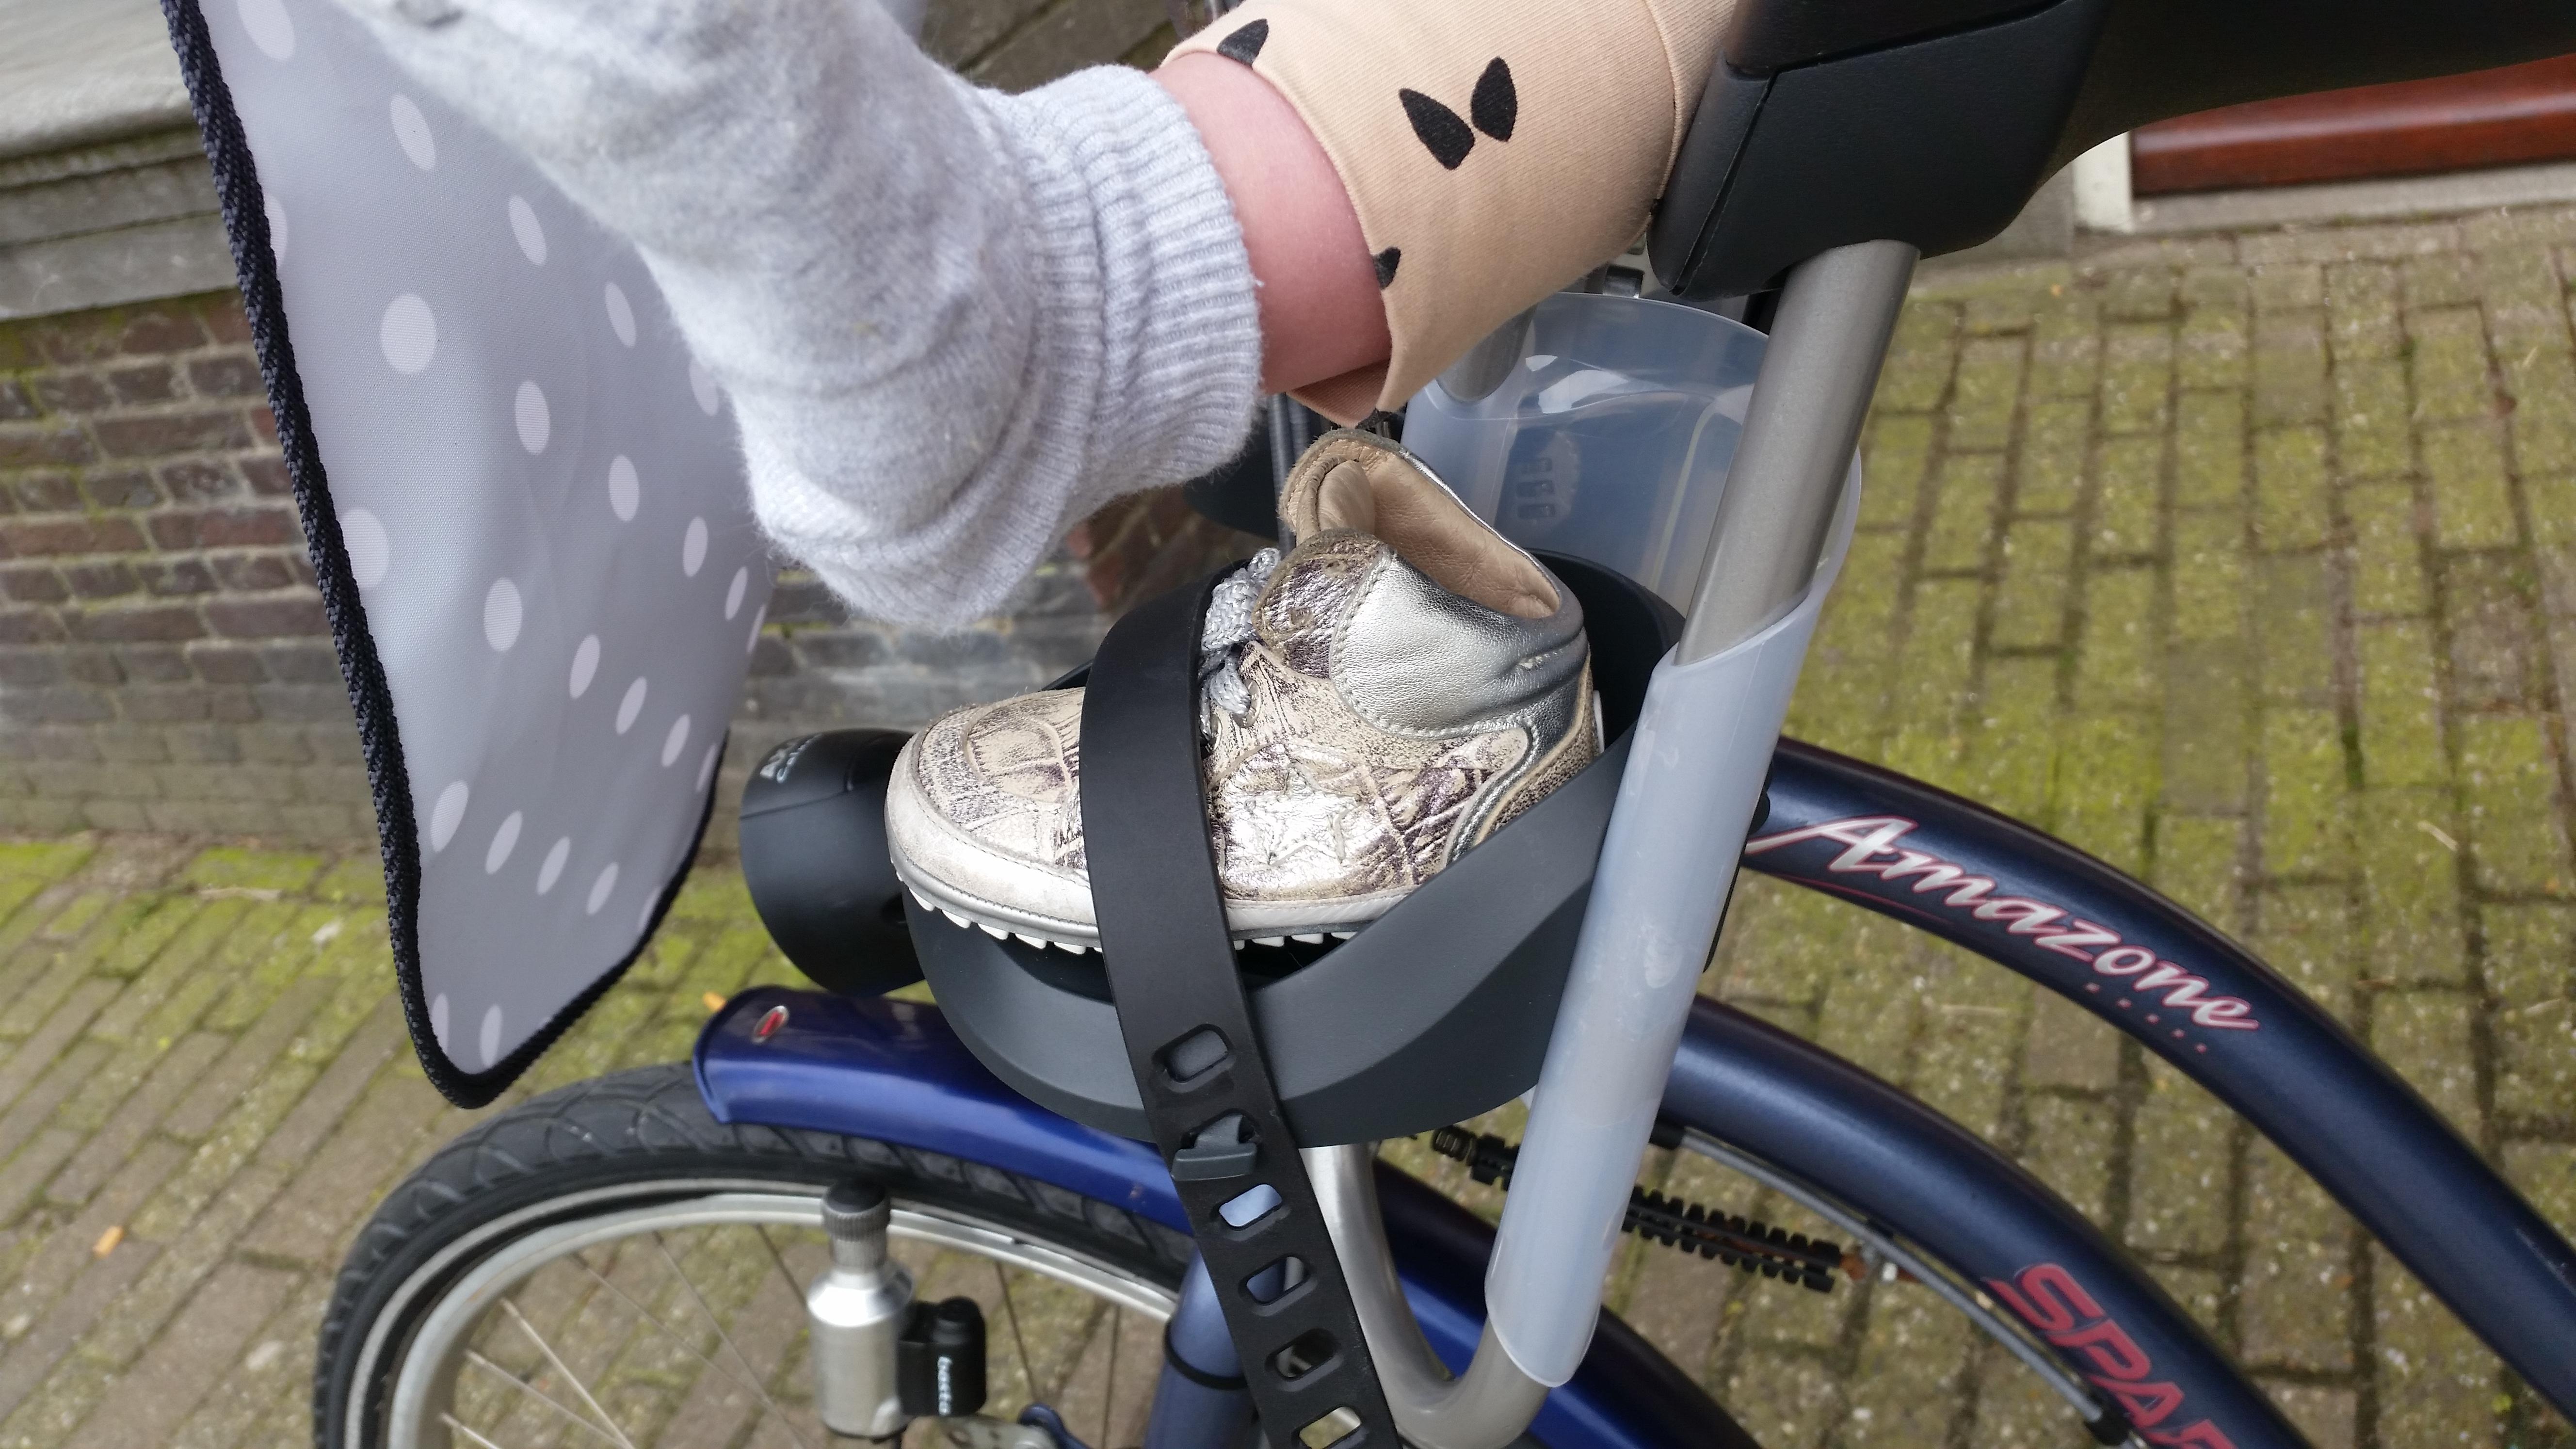 4-16-qibbel-fiets-fietszitje-voor-voorzitje-baby-13-kilo-kilogram-baby-zes-maanden-op-de-fiets-ervaring-review